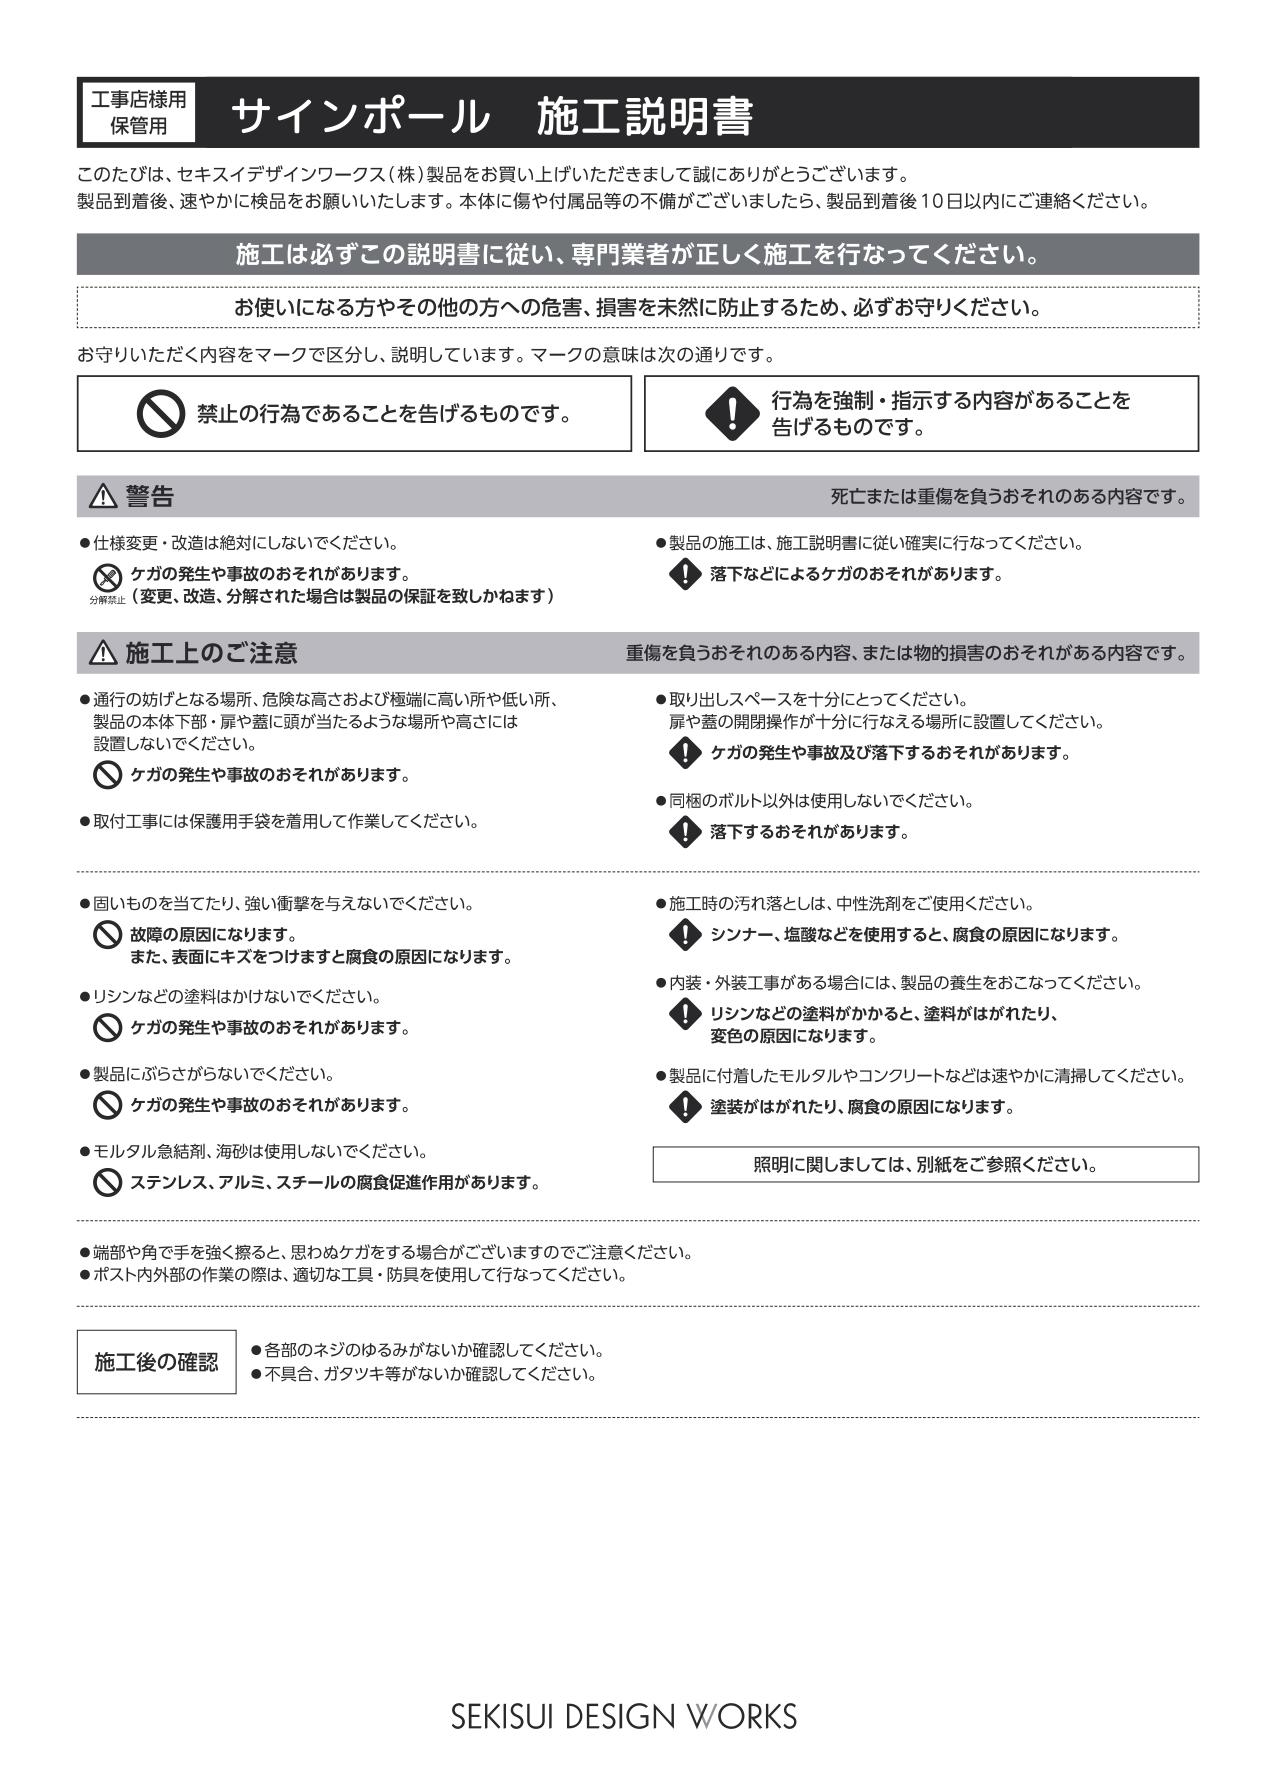 サインポール 施工説明書_page-0001